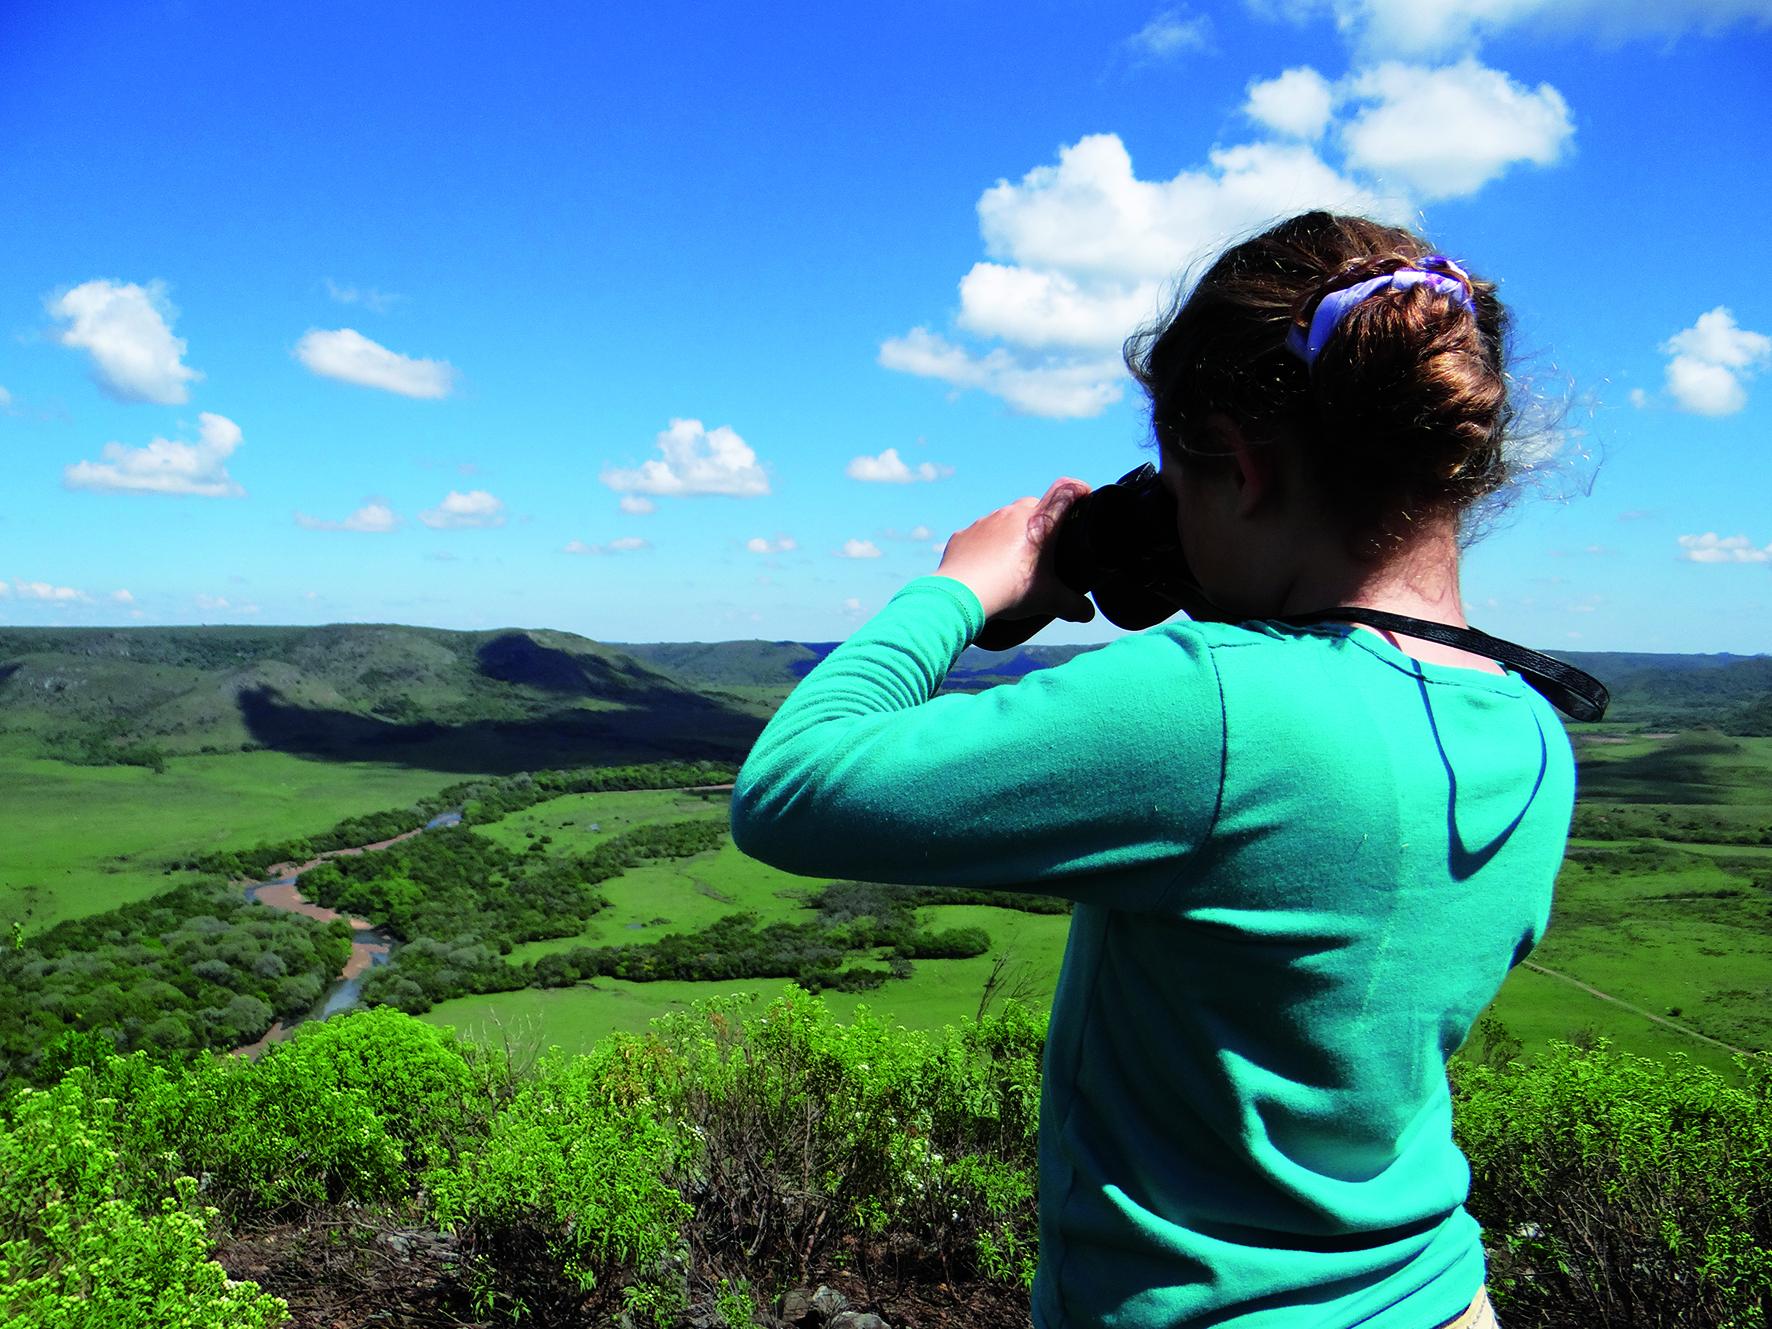 Rivera Valle de Lunarejo 1 Rinaldo Mora - Cambia el otoño por la primavera en Uruguay